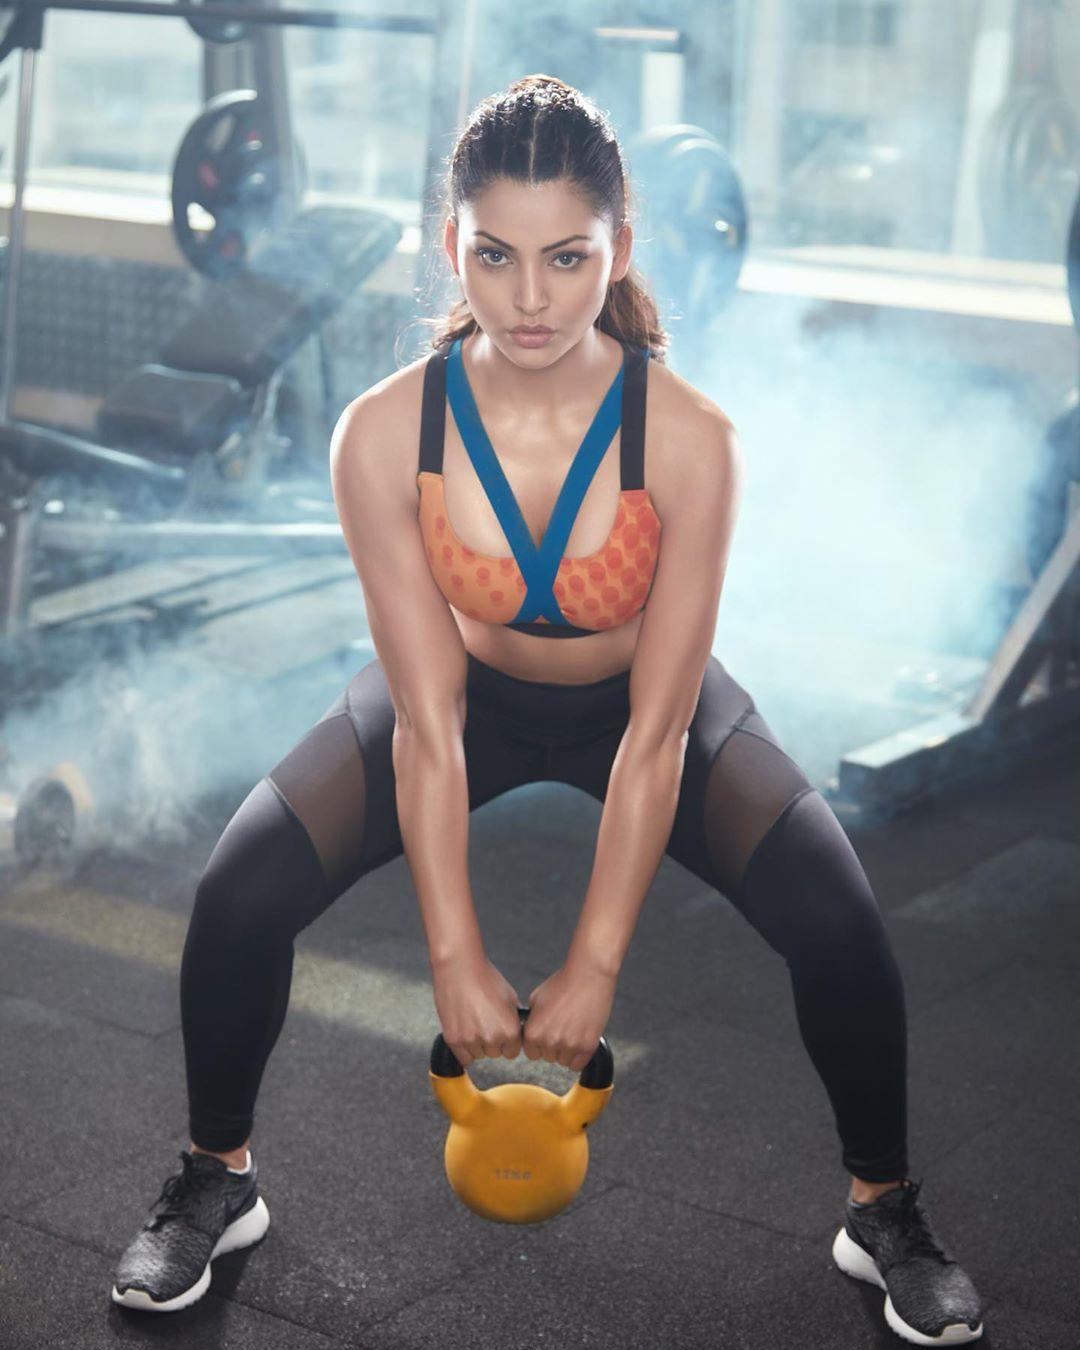 urvashi in gym